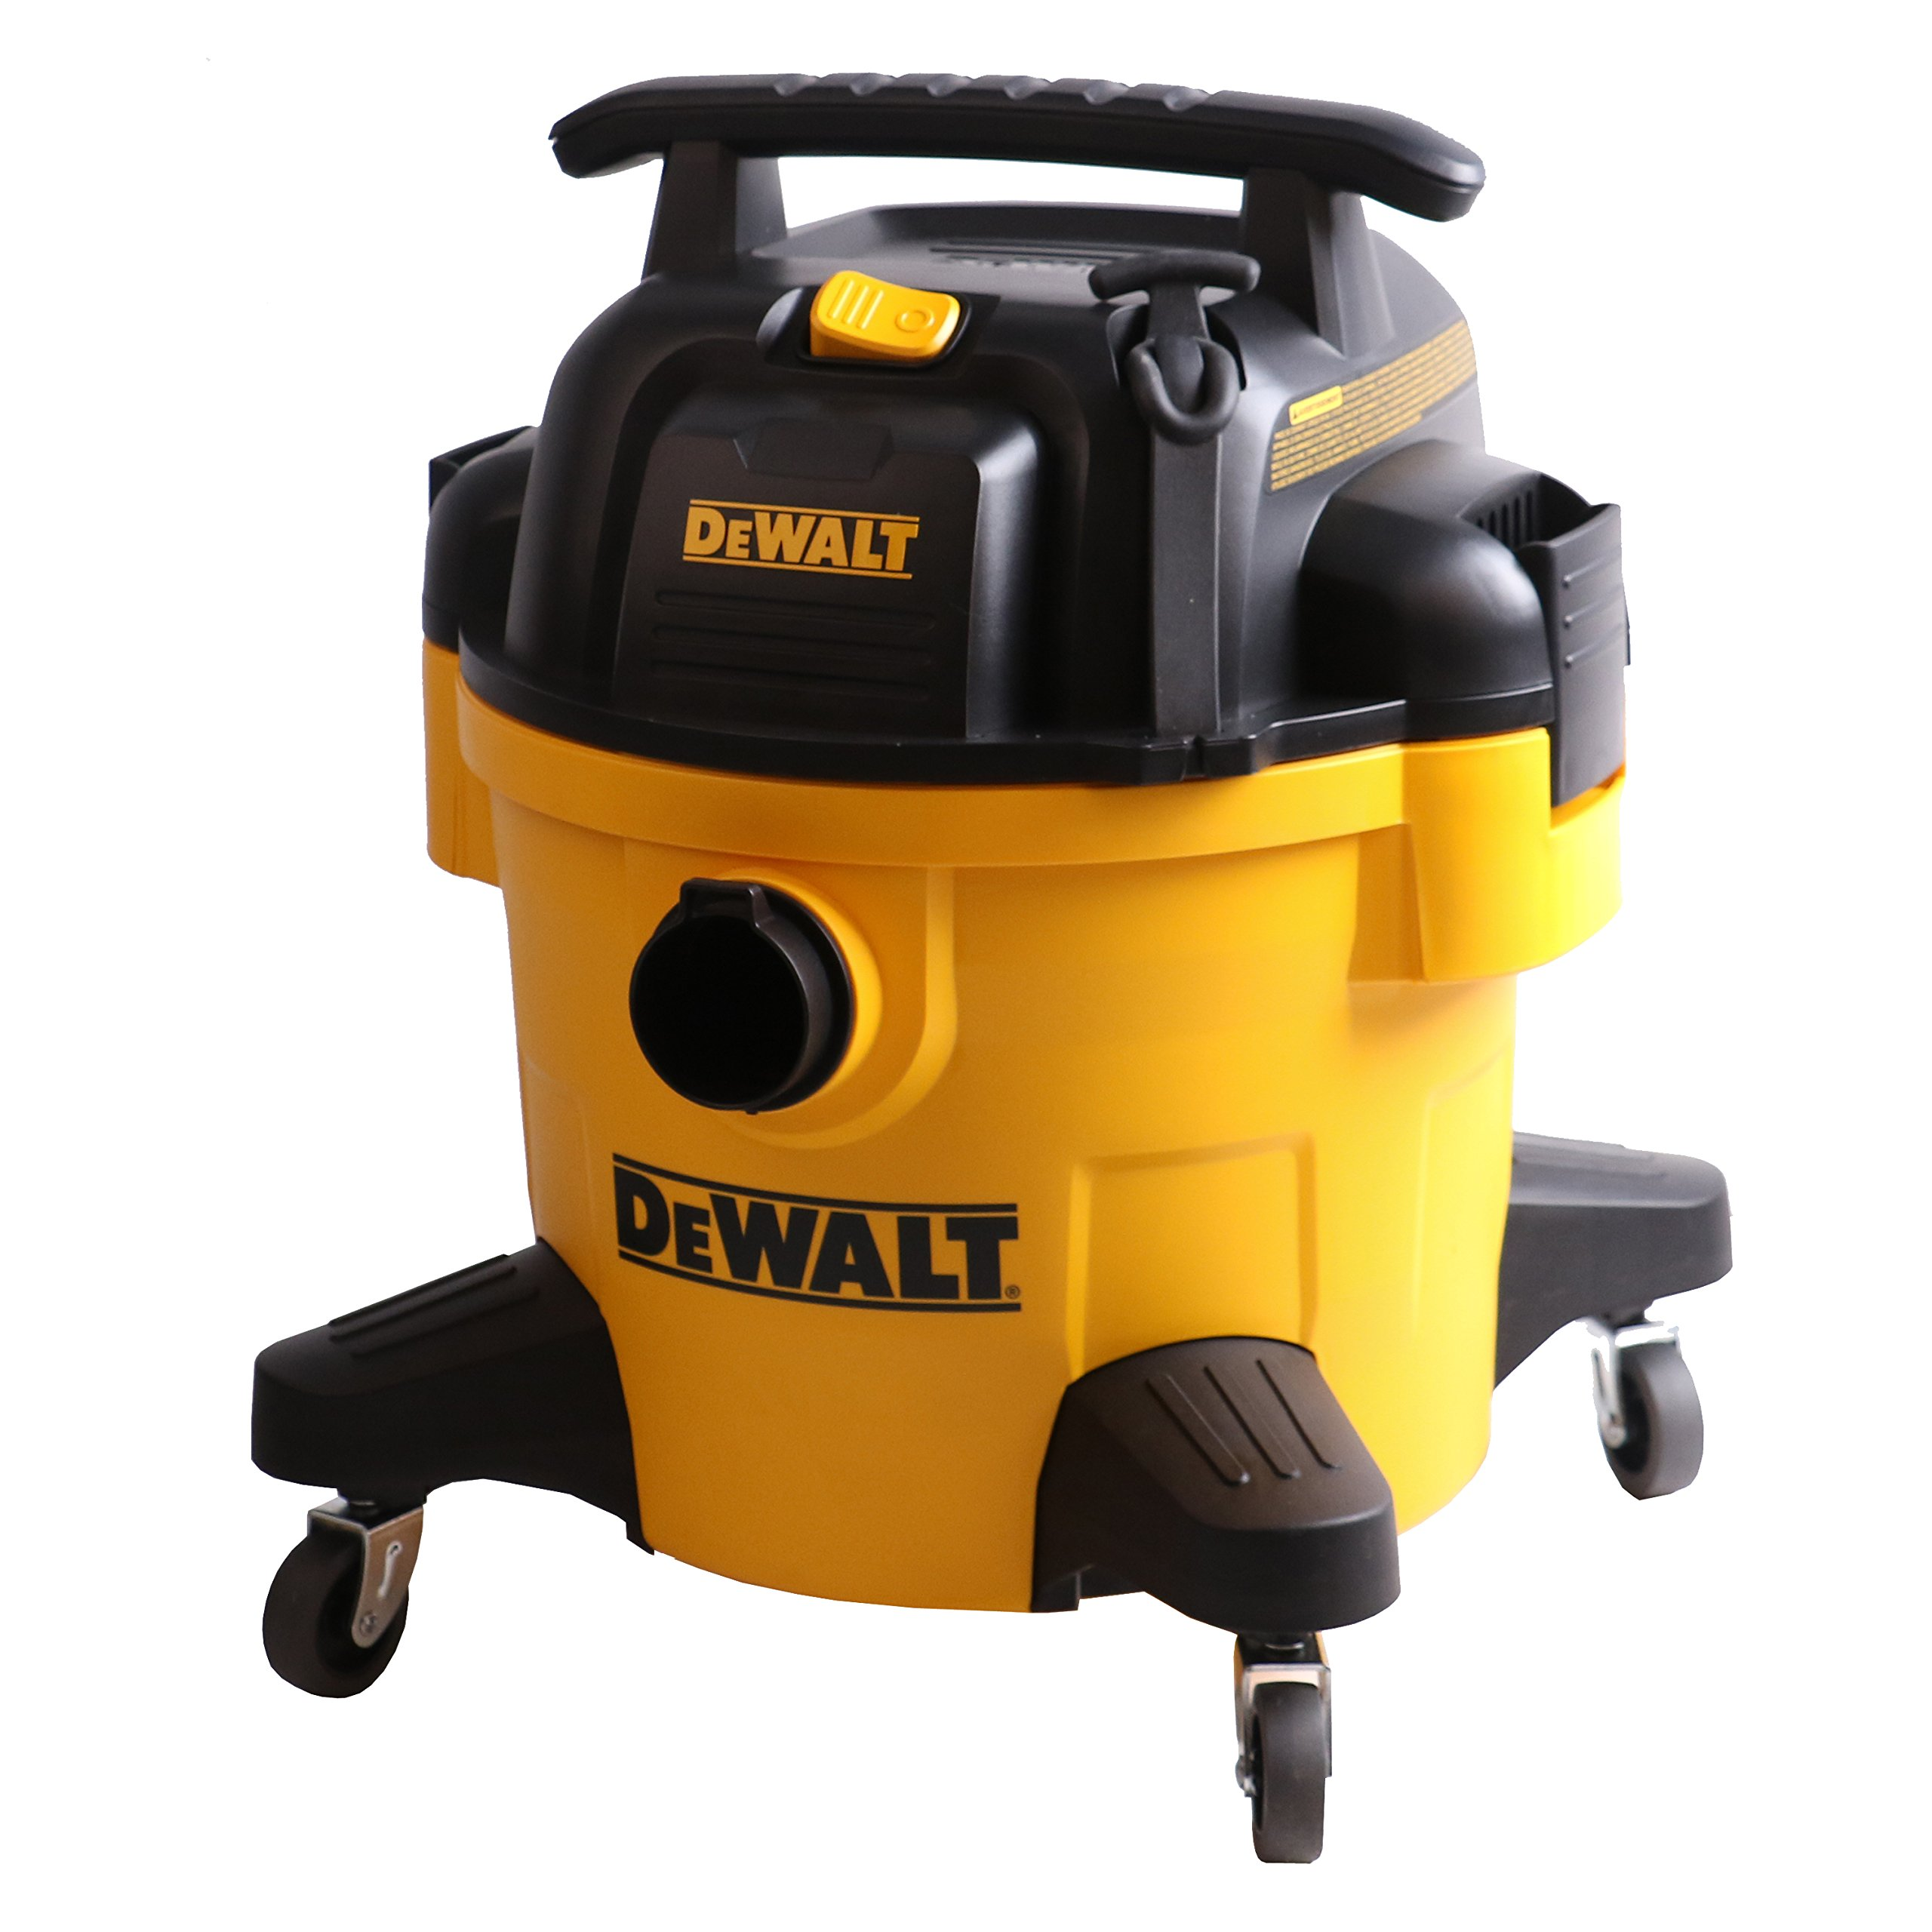 DeWALT 6 Gallon Poly Wet/Dry Vac